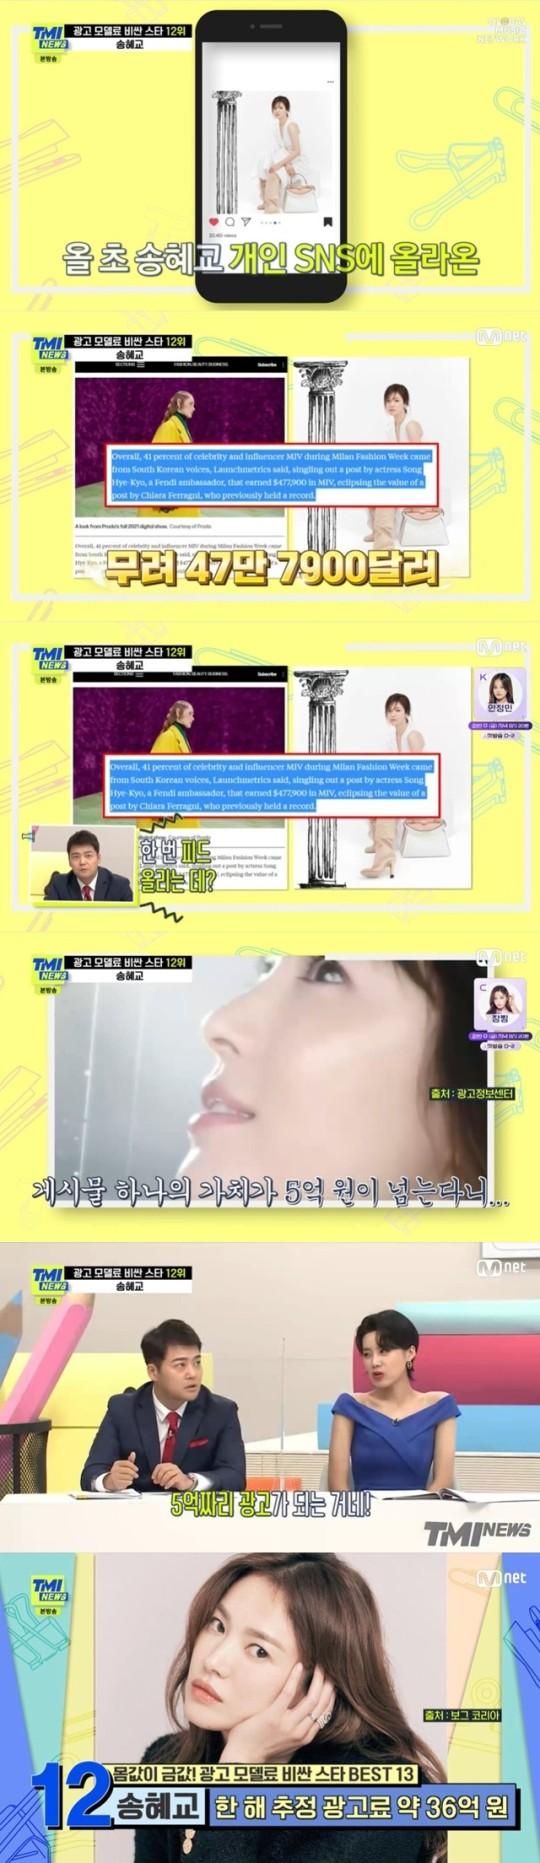 송혜교가 광고 모델료 비싼 스타 12위에 올랐다. /사진=Mnet 방송캡처